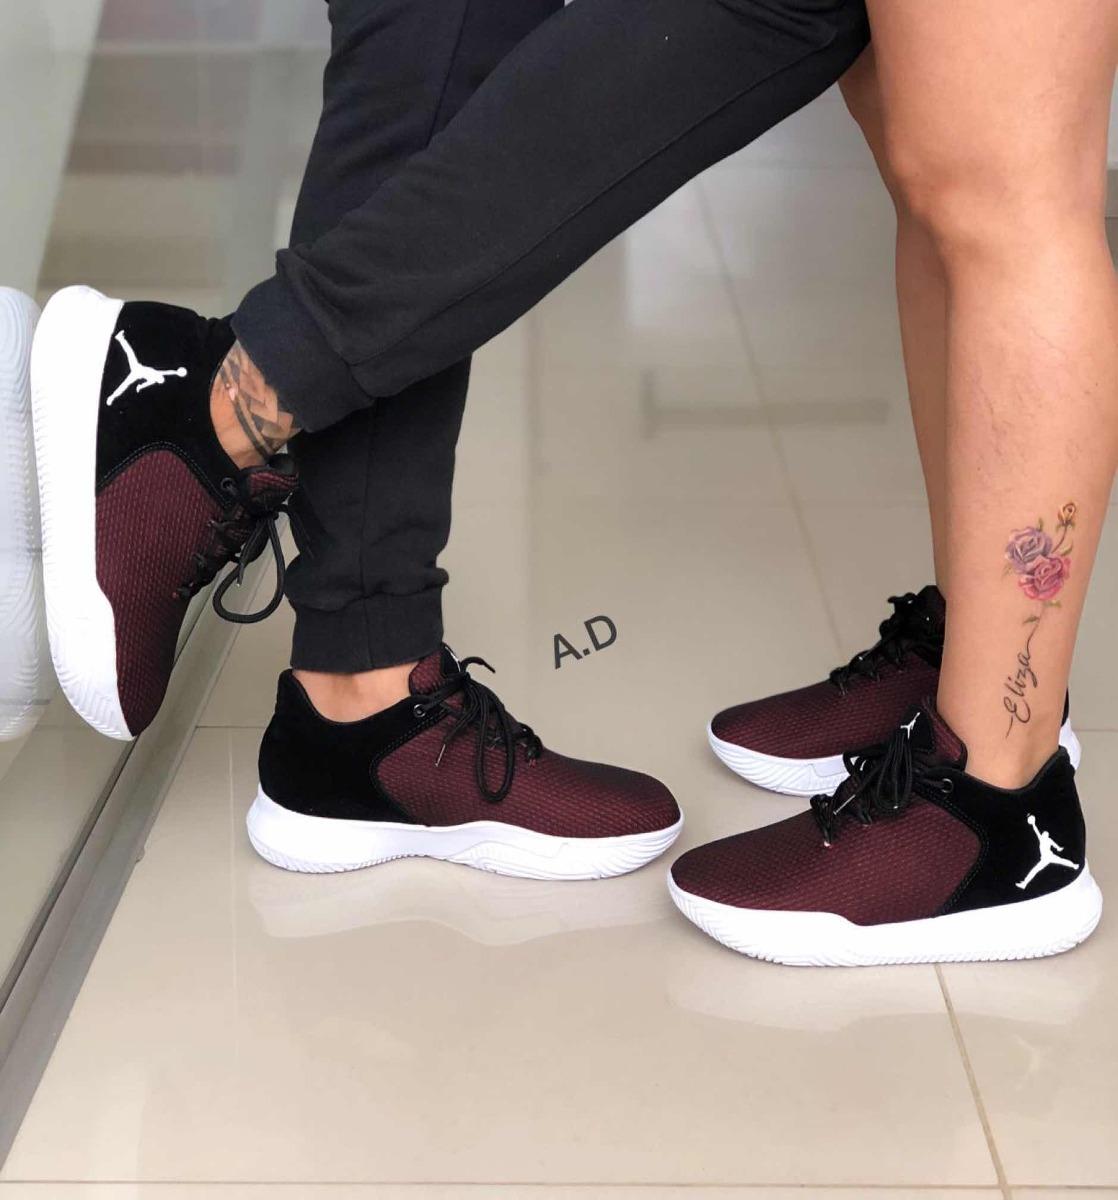 5312a94ccb9 tenis zapatillas para mujer y hombre zapato deportivo dama. Cargando zoom.